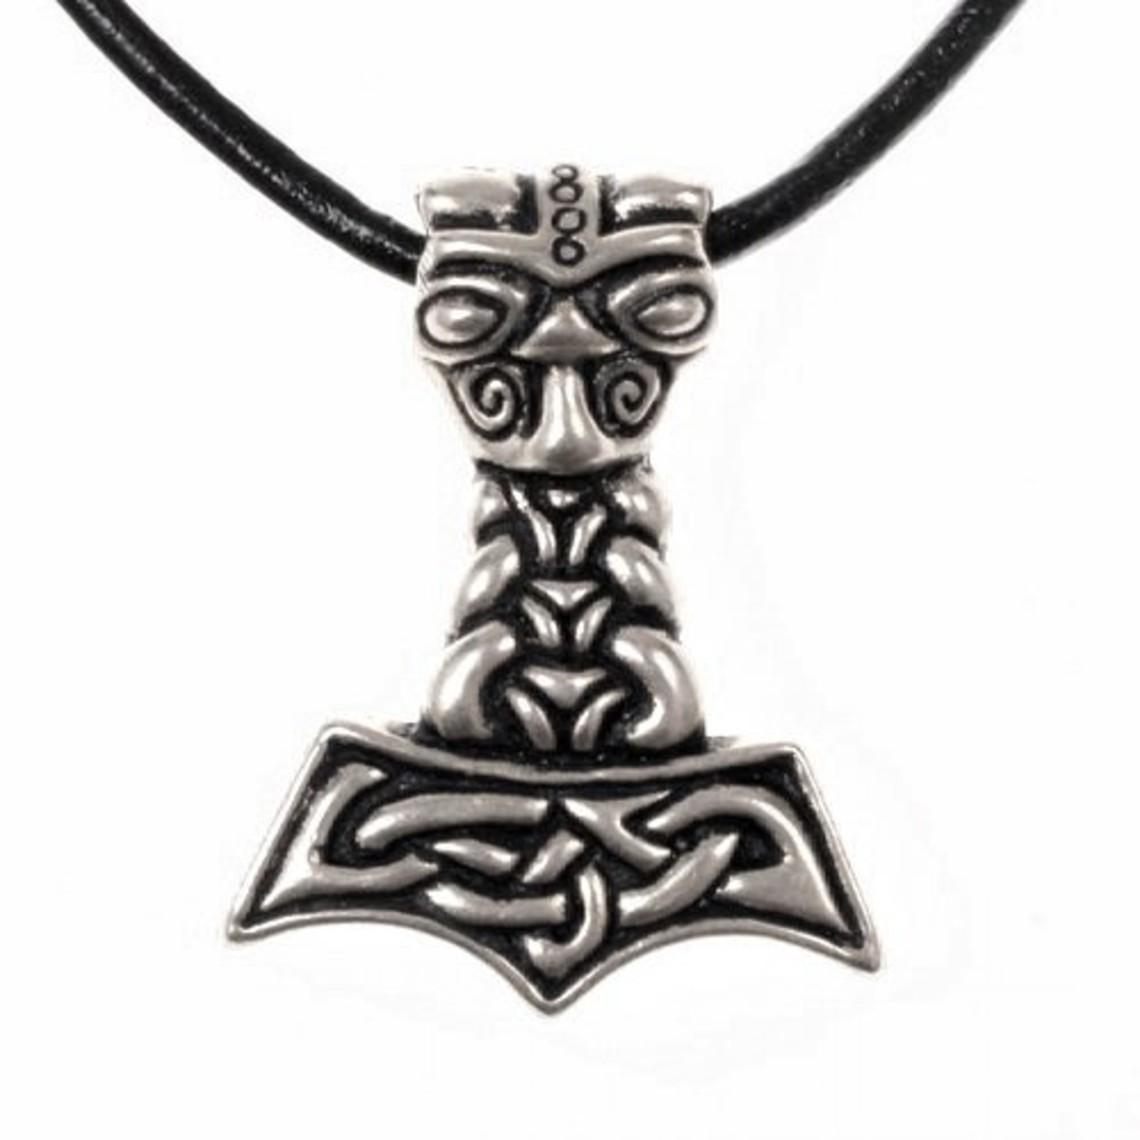 Thors martello con testa di lupo, argentato